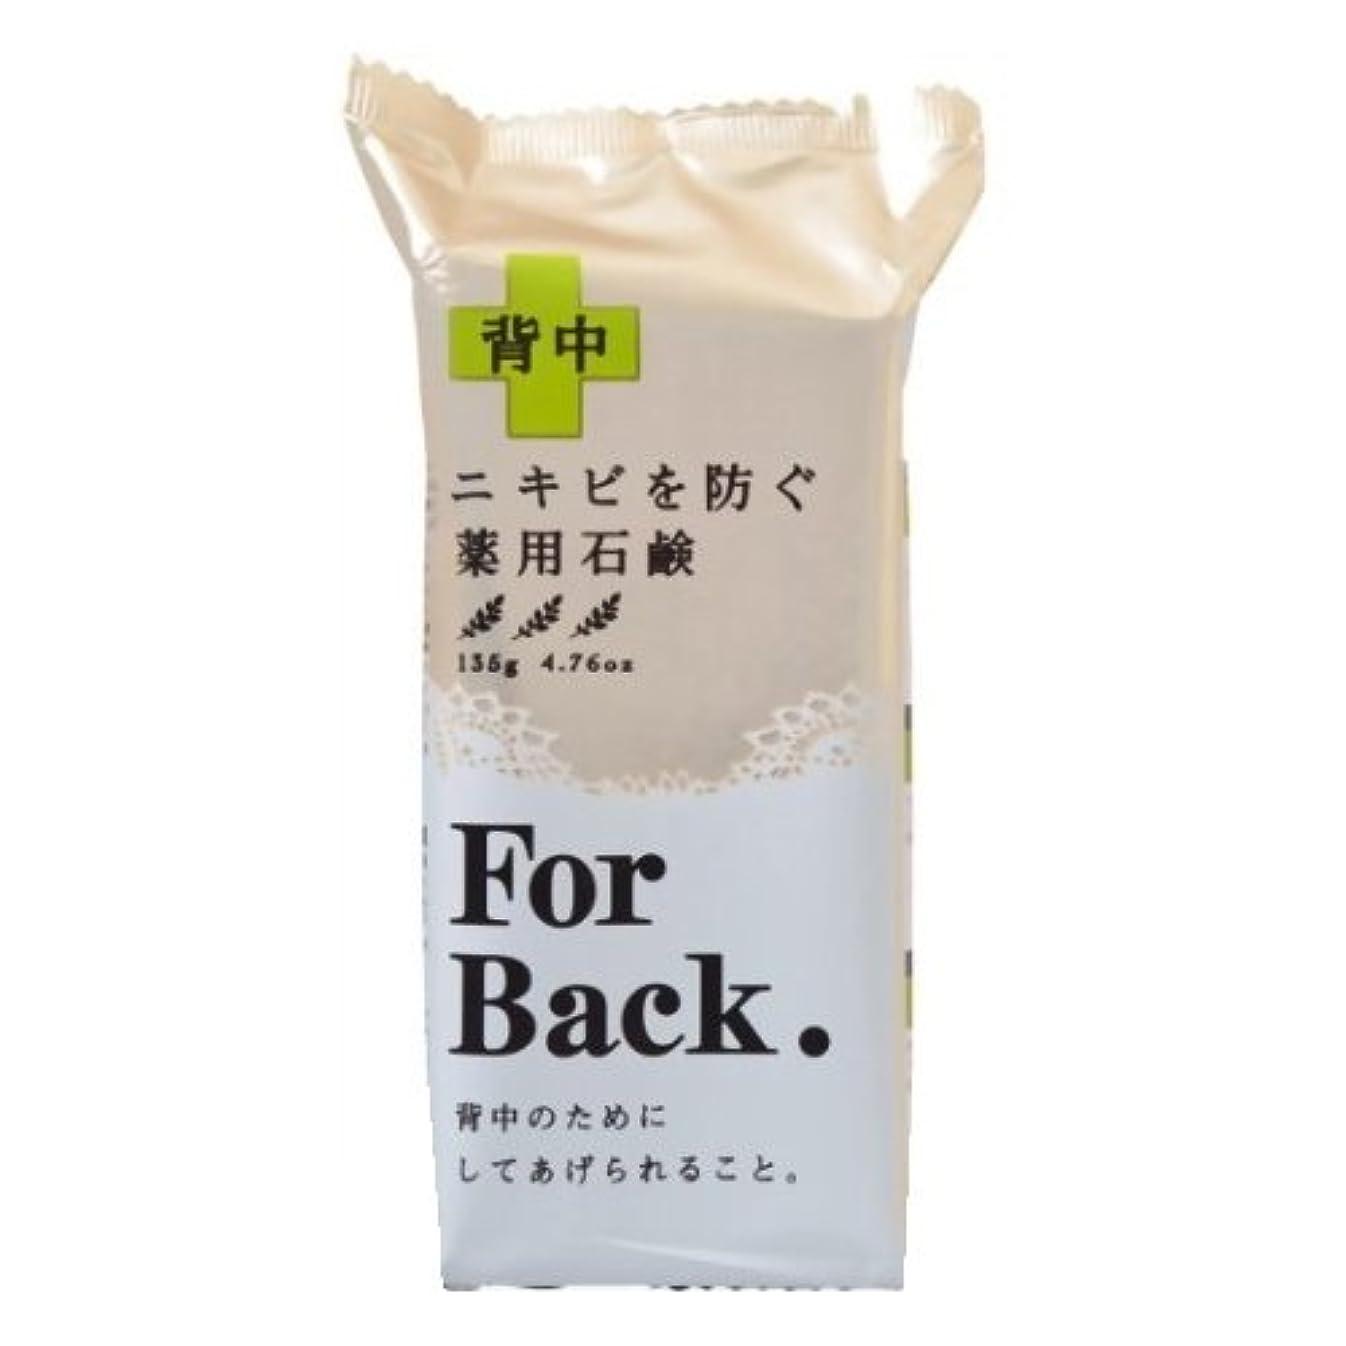 オーバーラン対処するデコードする薬用石鹸ForBack 135g